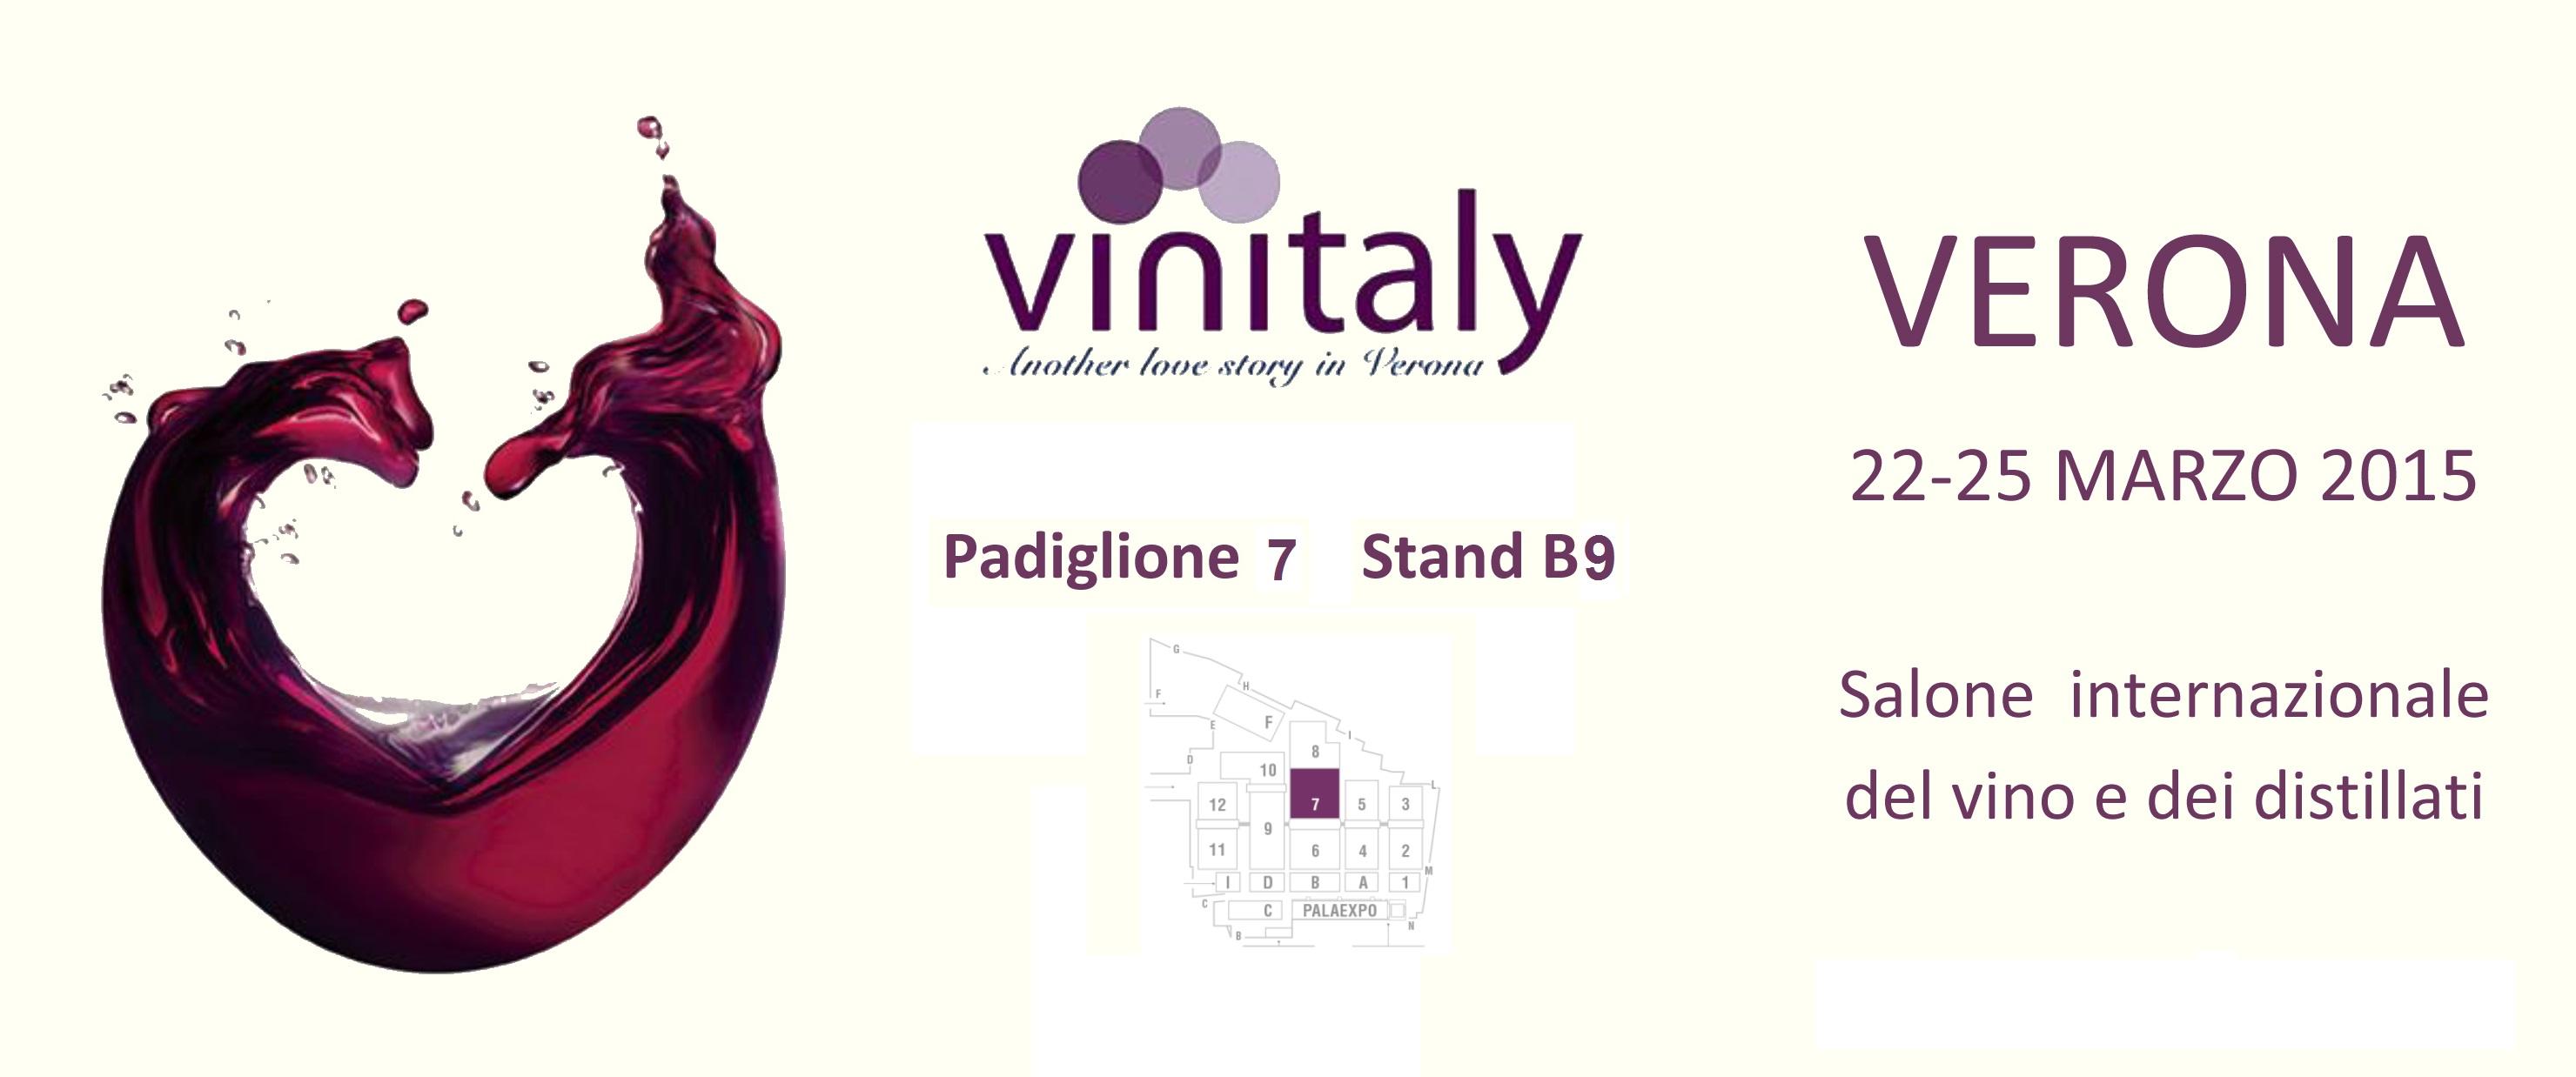 prezzo abbonamenti Vinitaly 2015